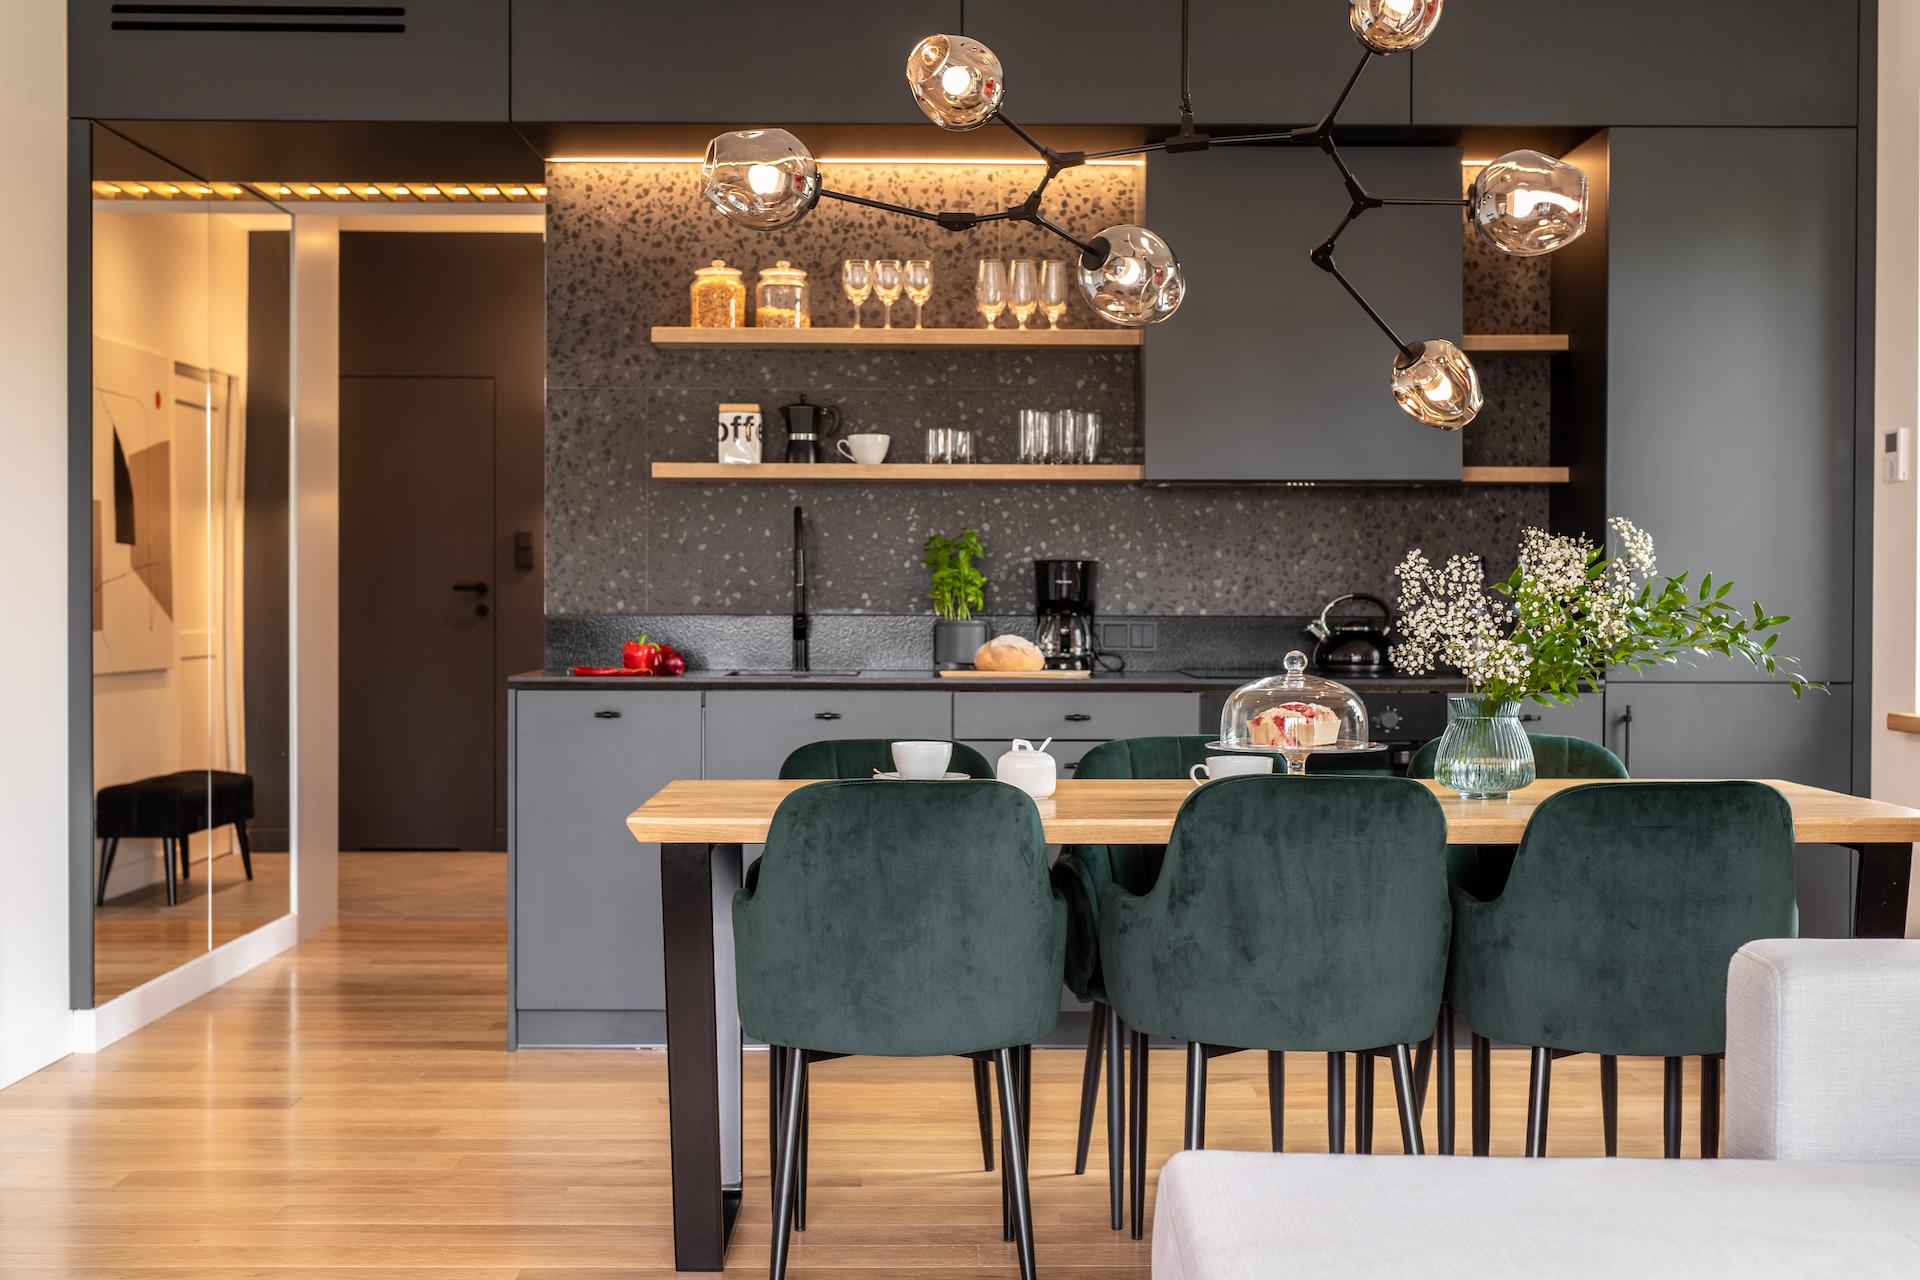 lampy sufitowe - duży żyrandol o organicznym kształcie